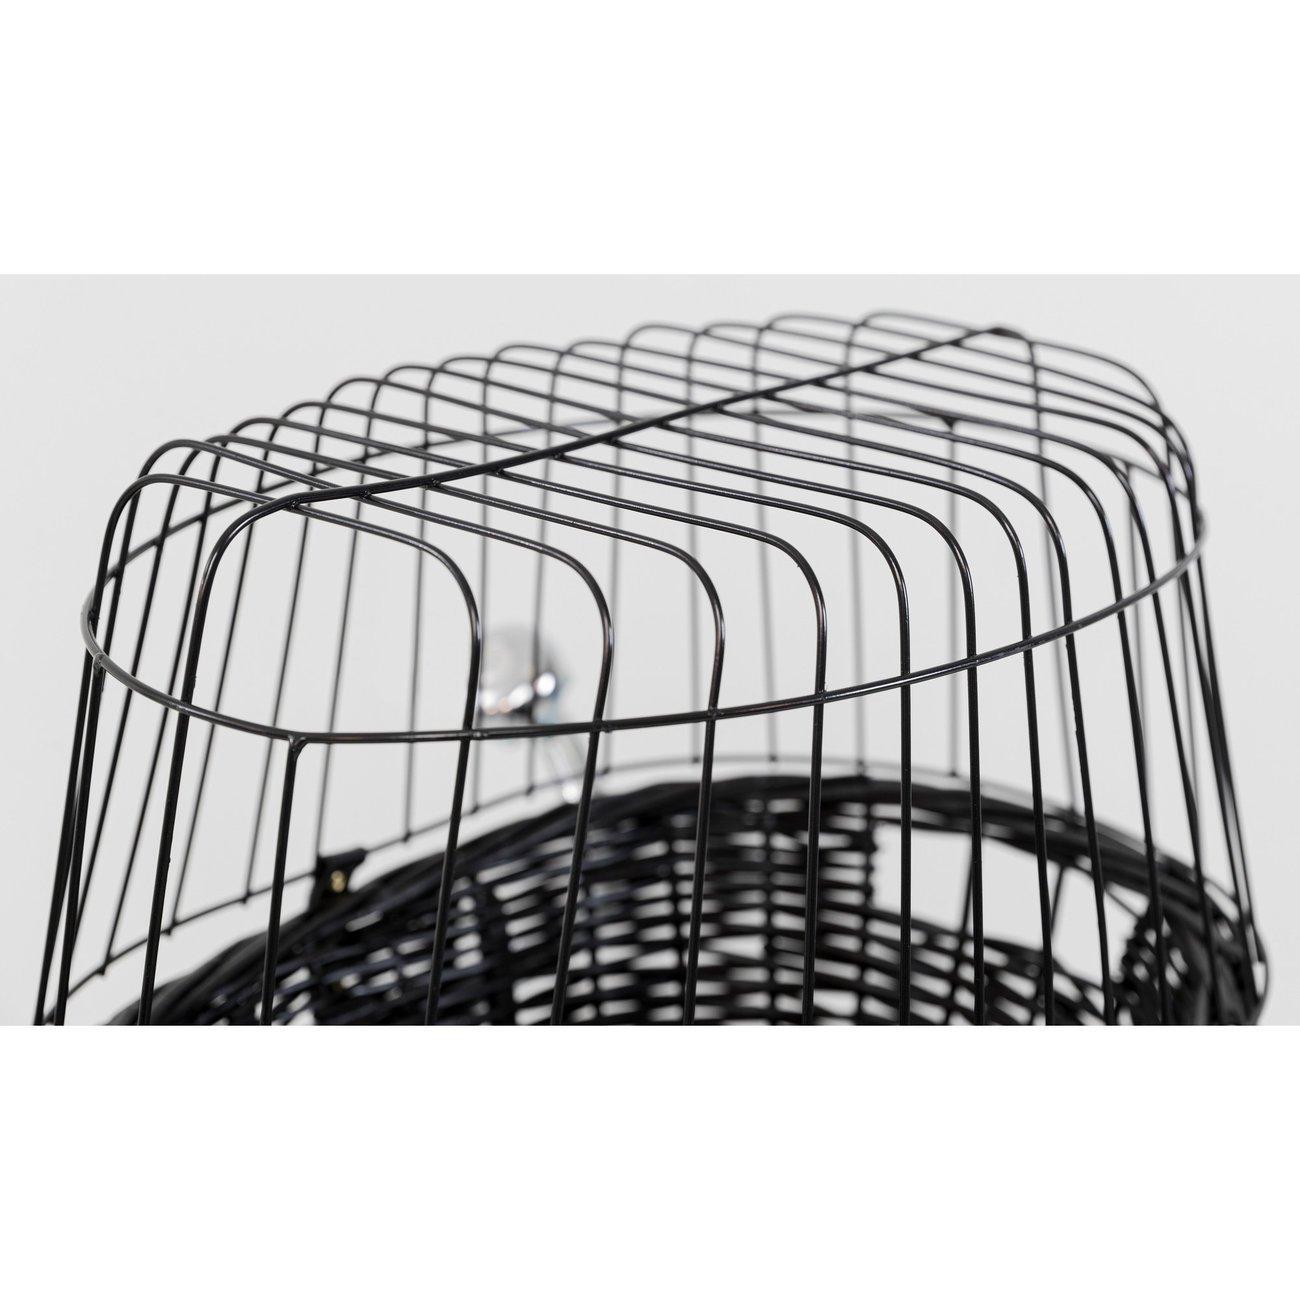 TRIXIE Fahrradkorb mit Gitter, schwarz 2818, Bild 10